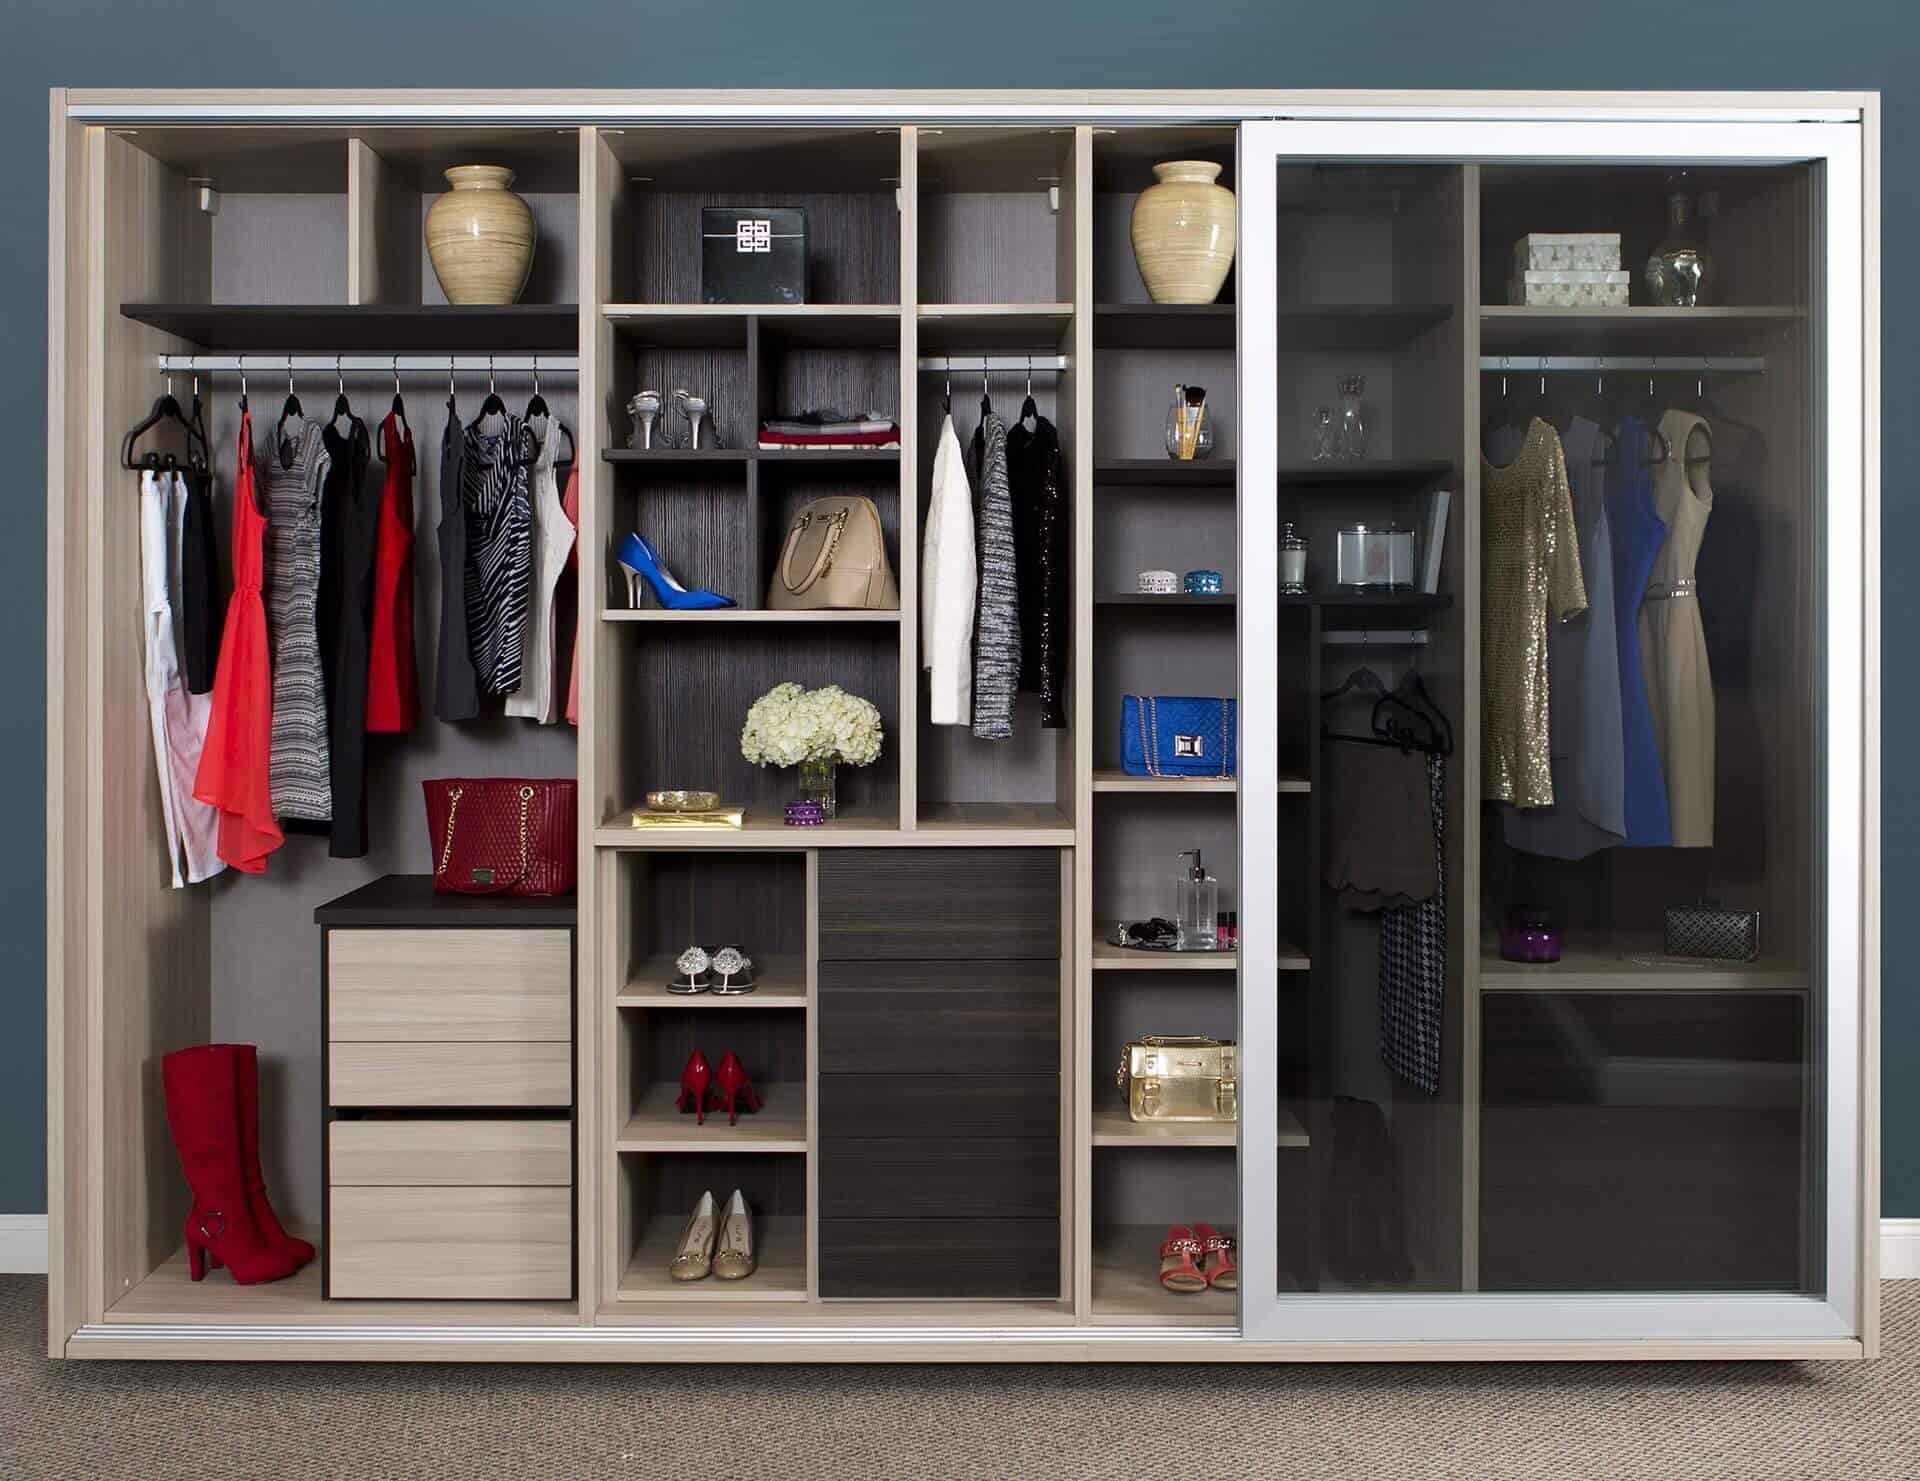 Inside of Wardrobe 25